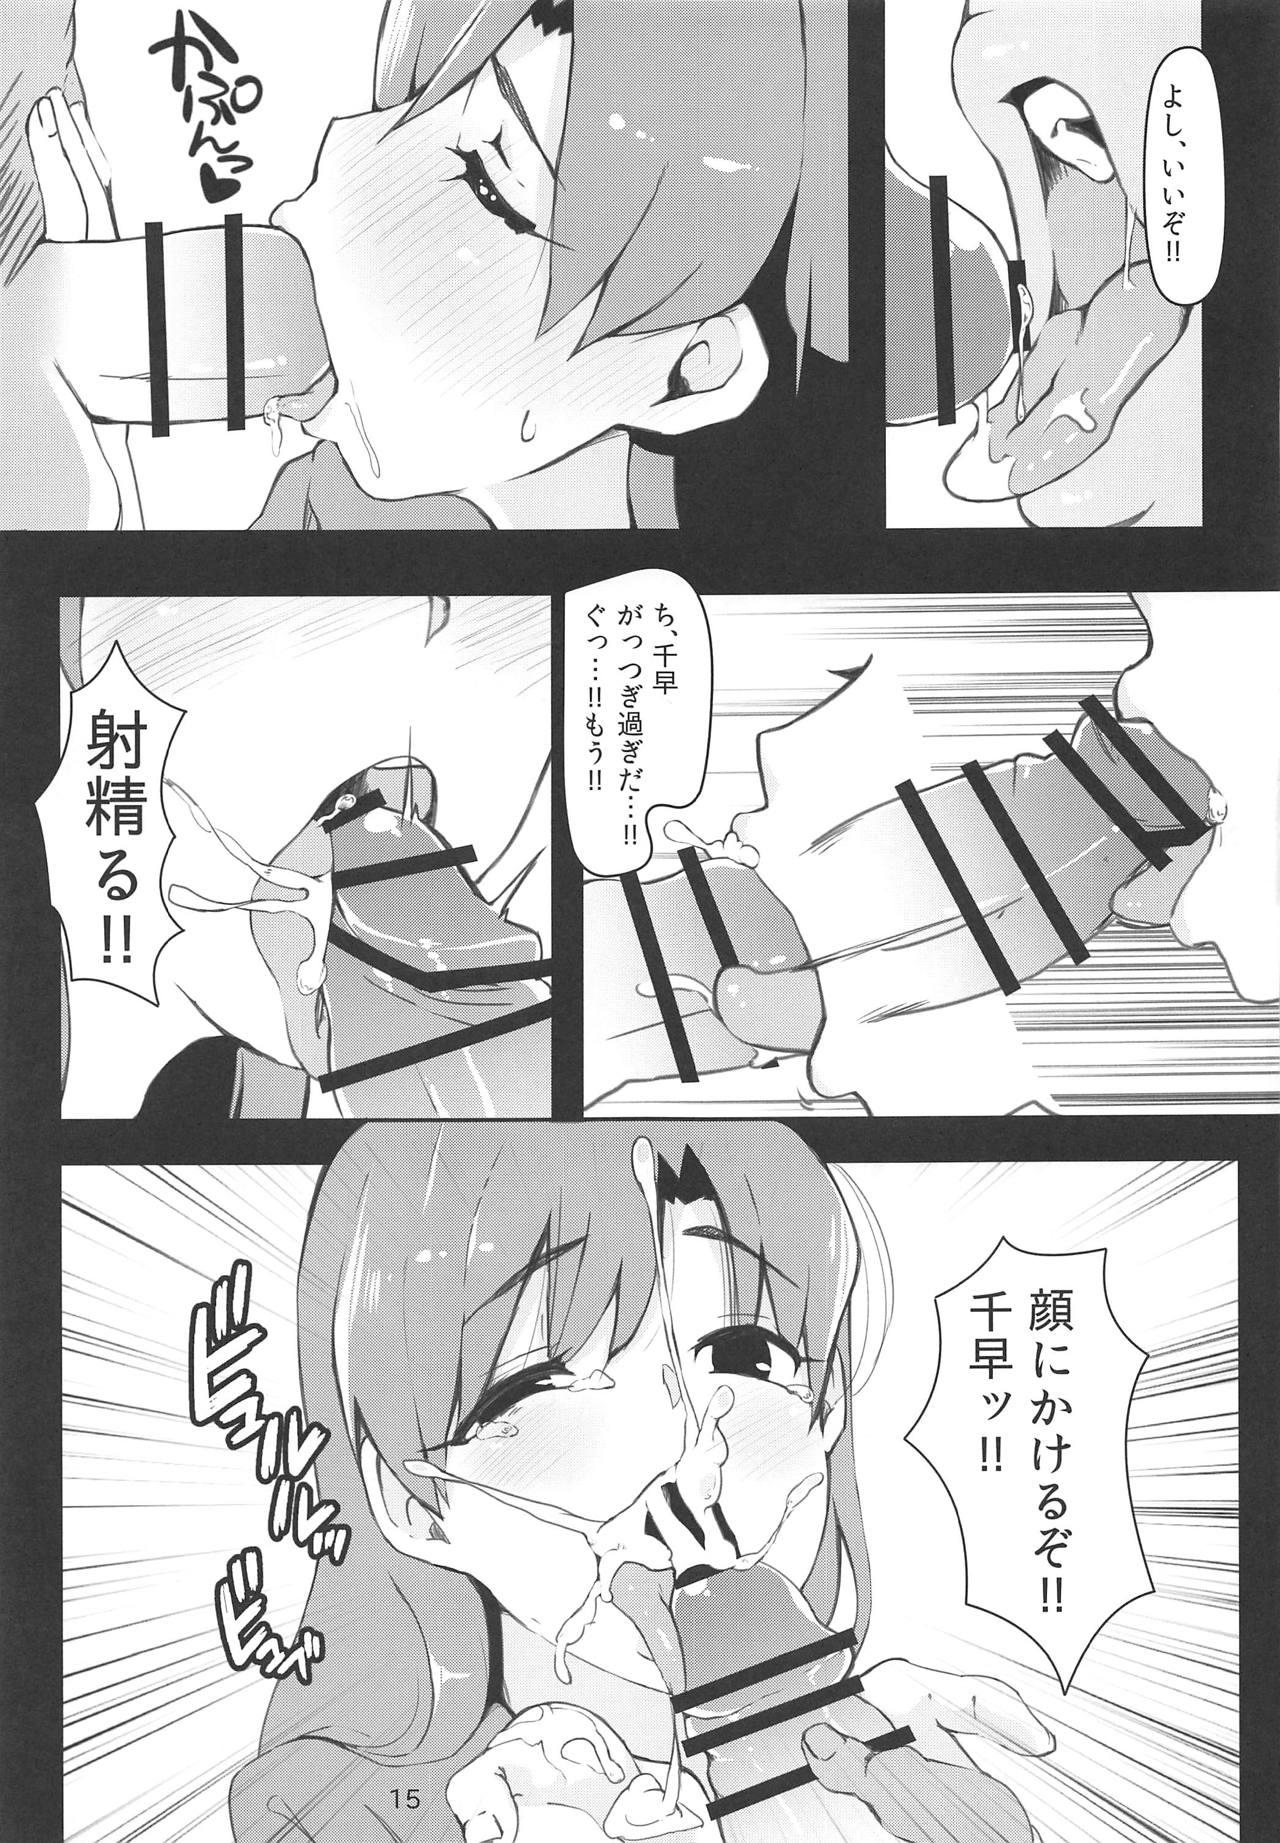 Chihaya to Icha Love Ecchi Suru Hon 13